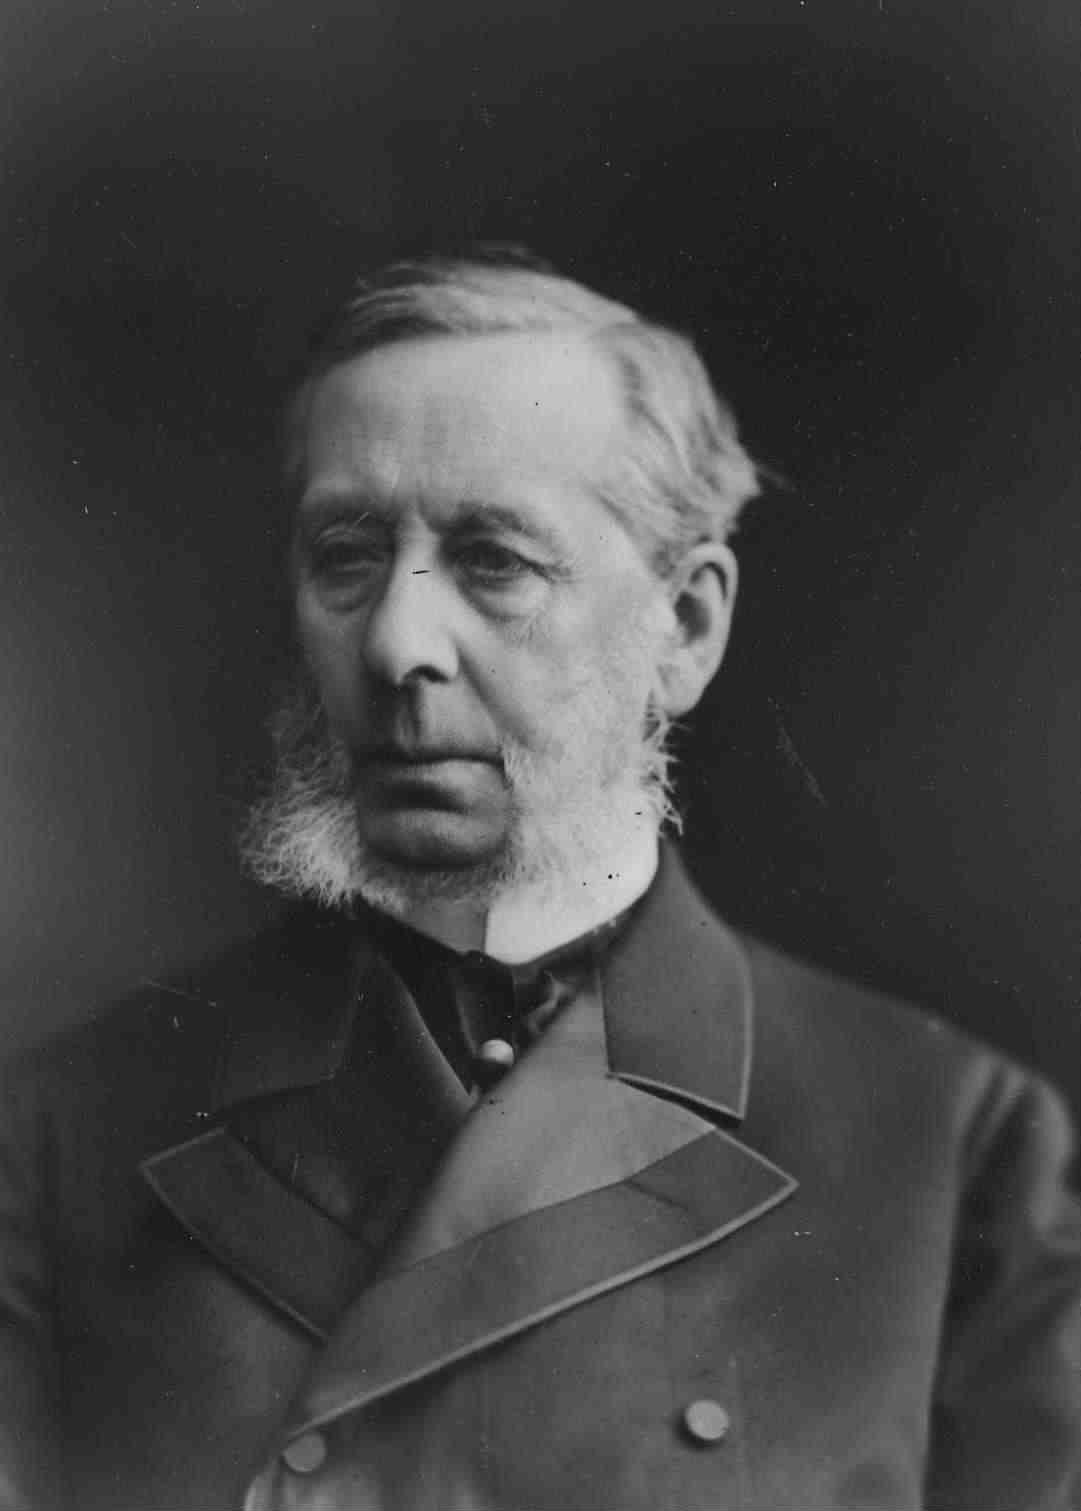 1870-е. Министр внутренних дел П. А. Валуев